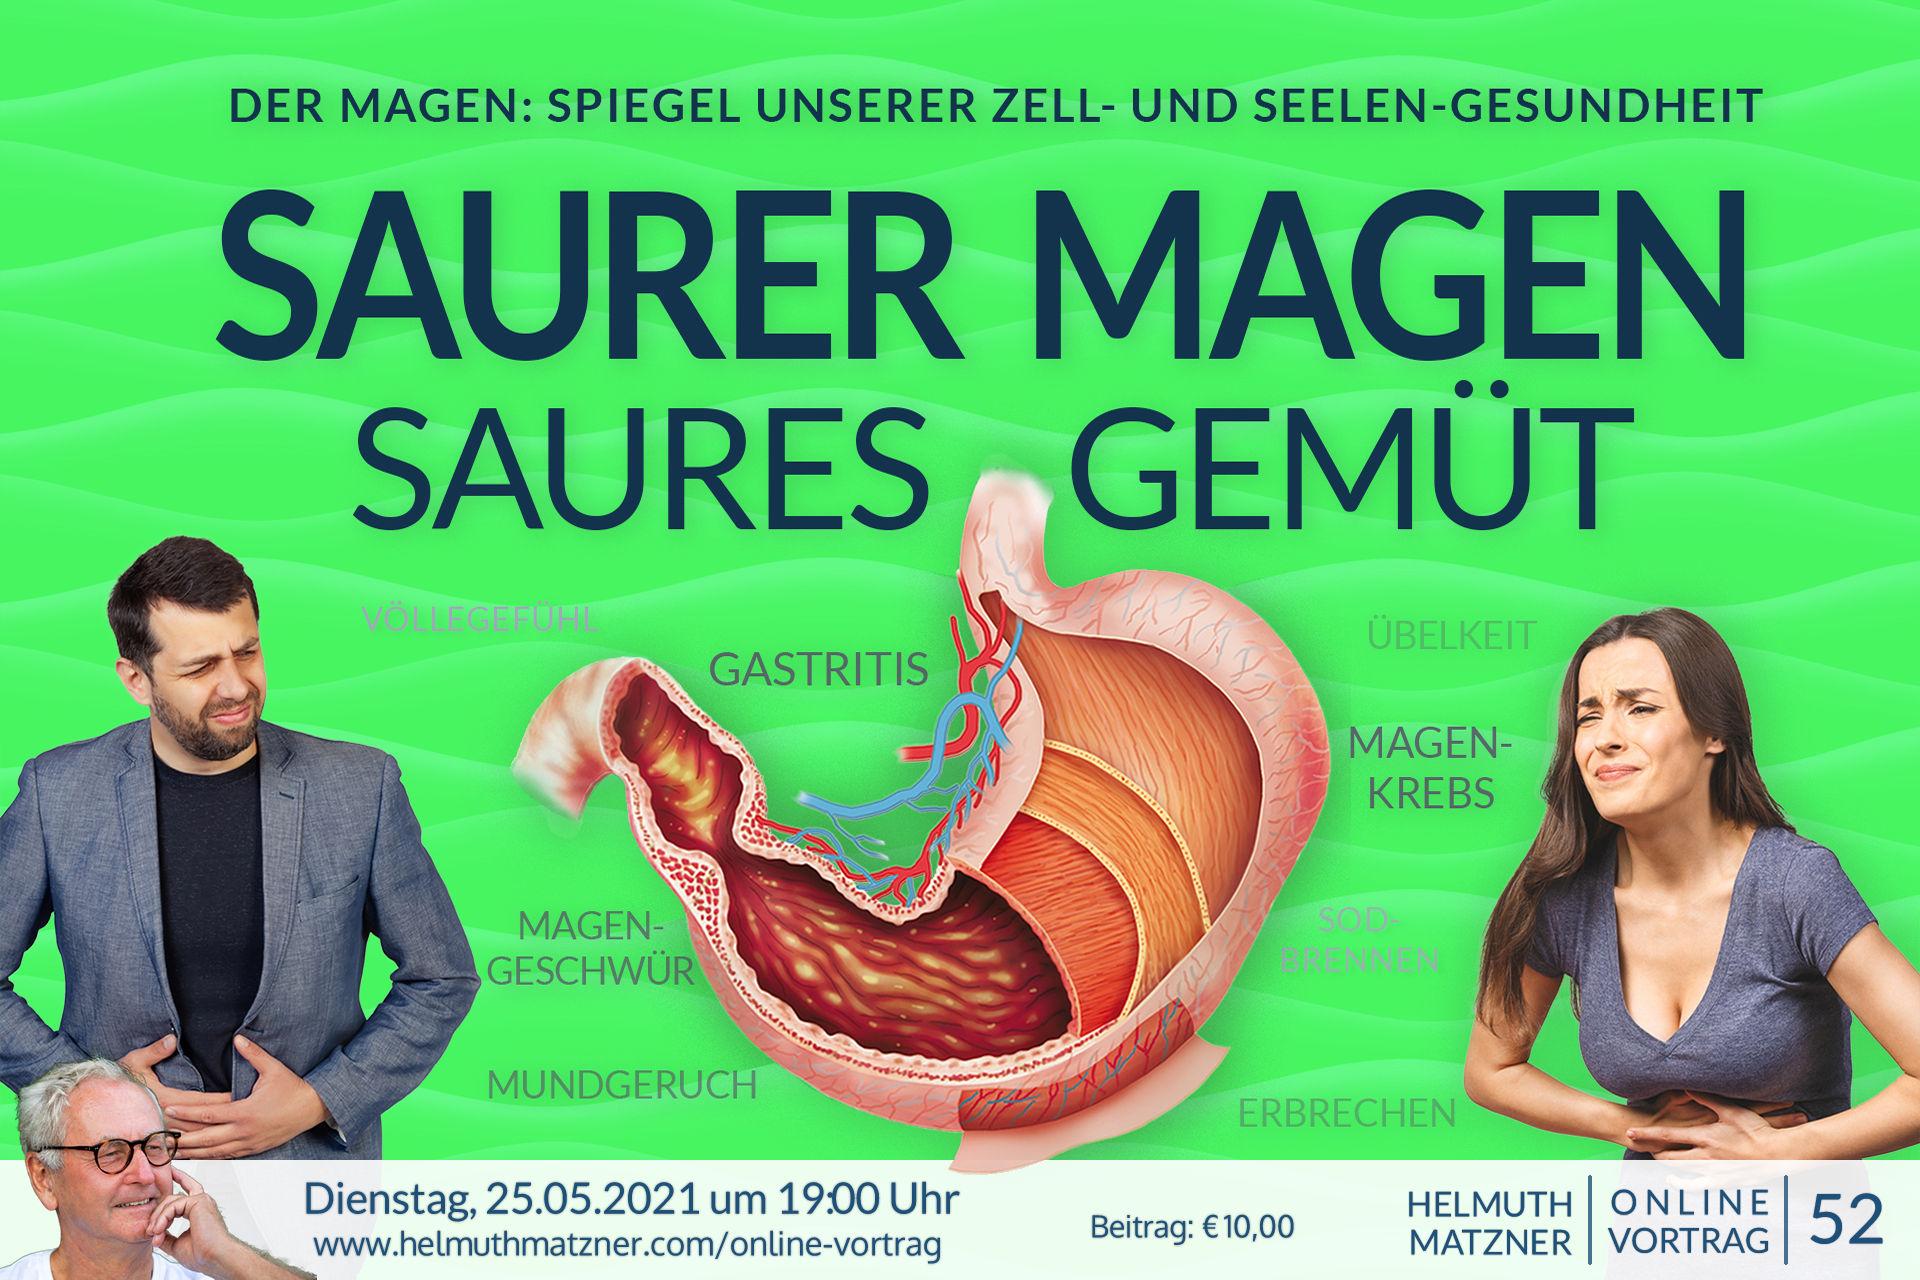 Helmuth Matzner - Online-Vortrag 52 - Magen - Banner v01